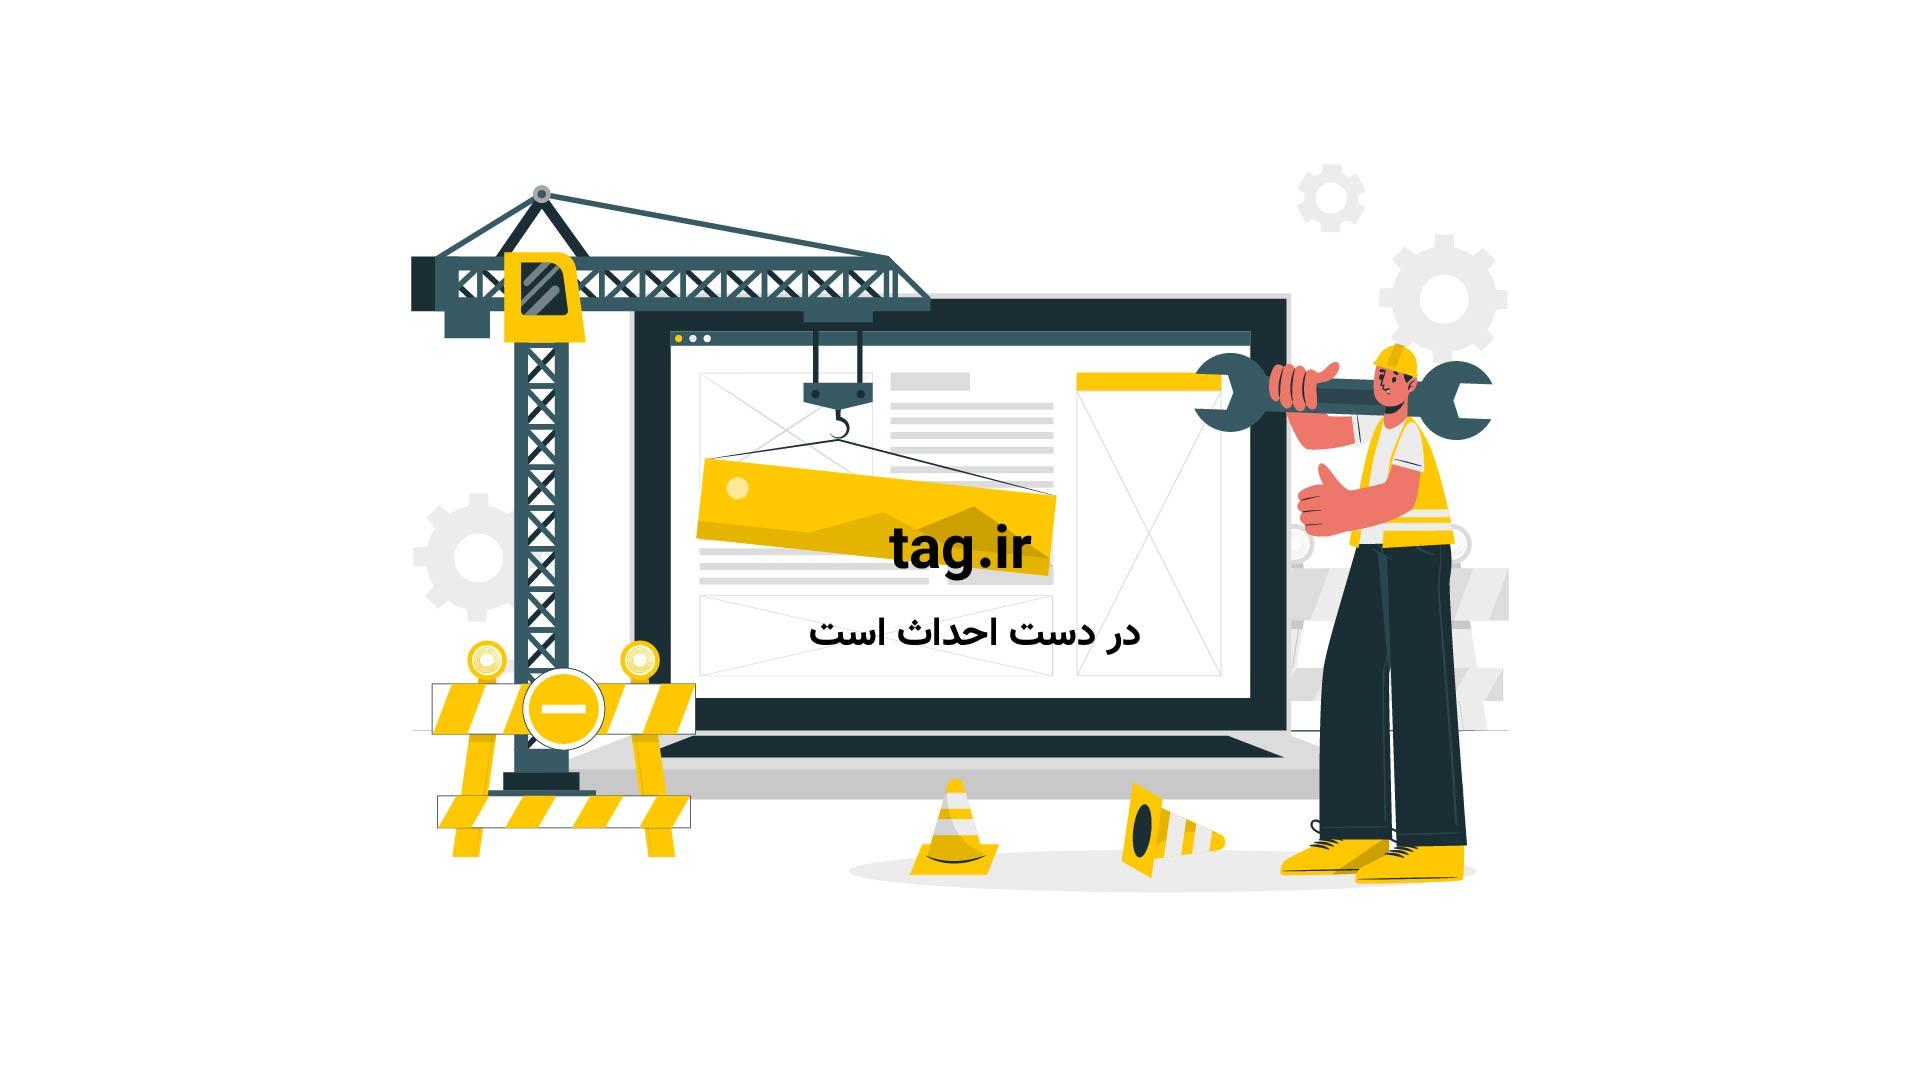 200 کیلومتر بر ساعت   تگ